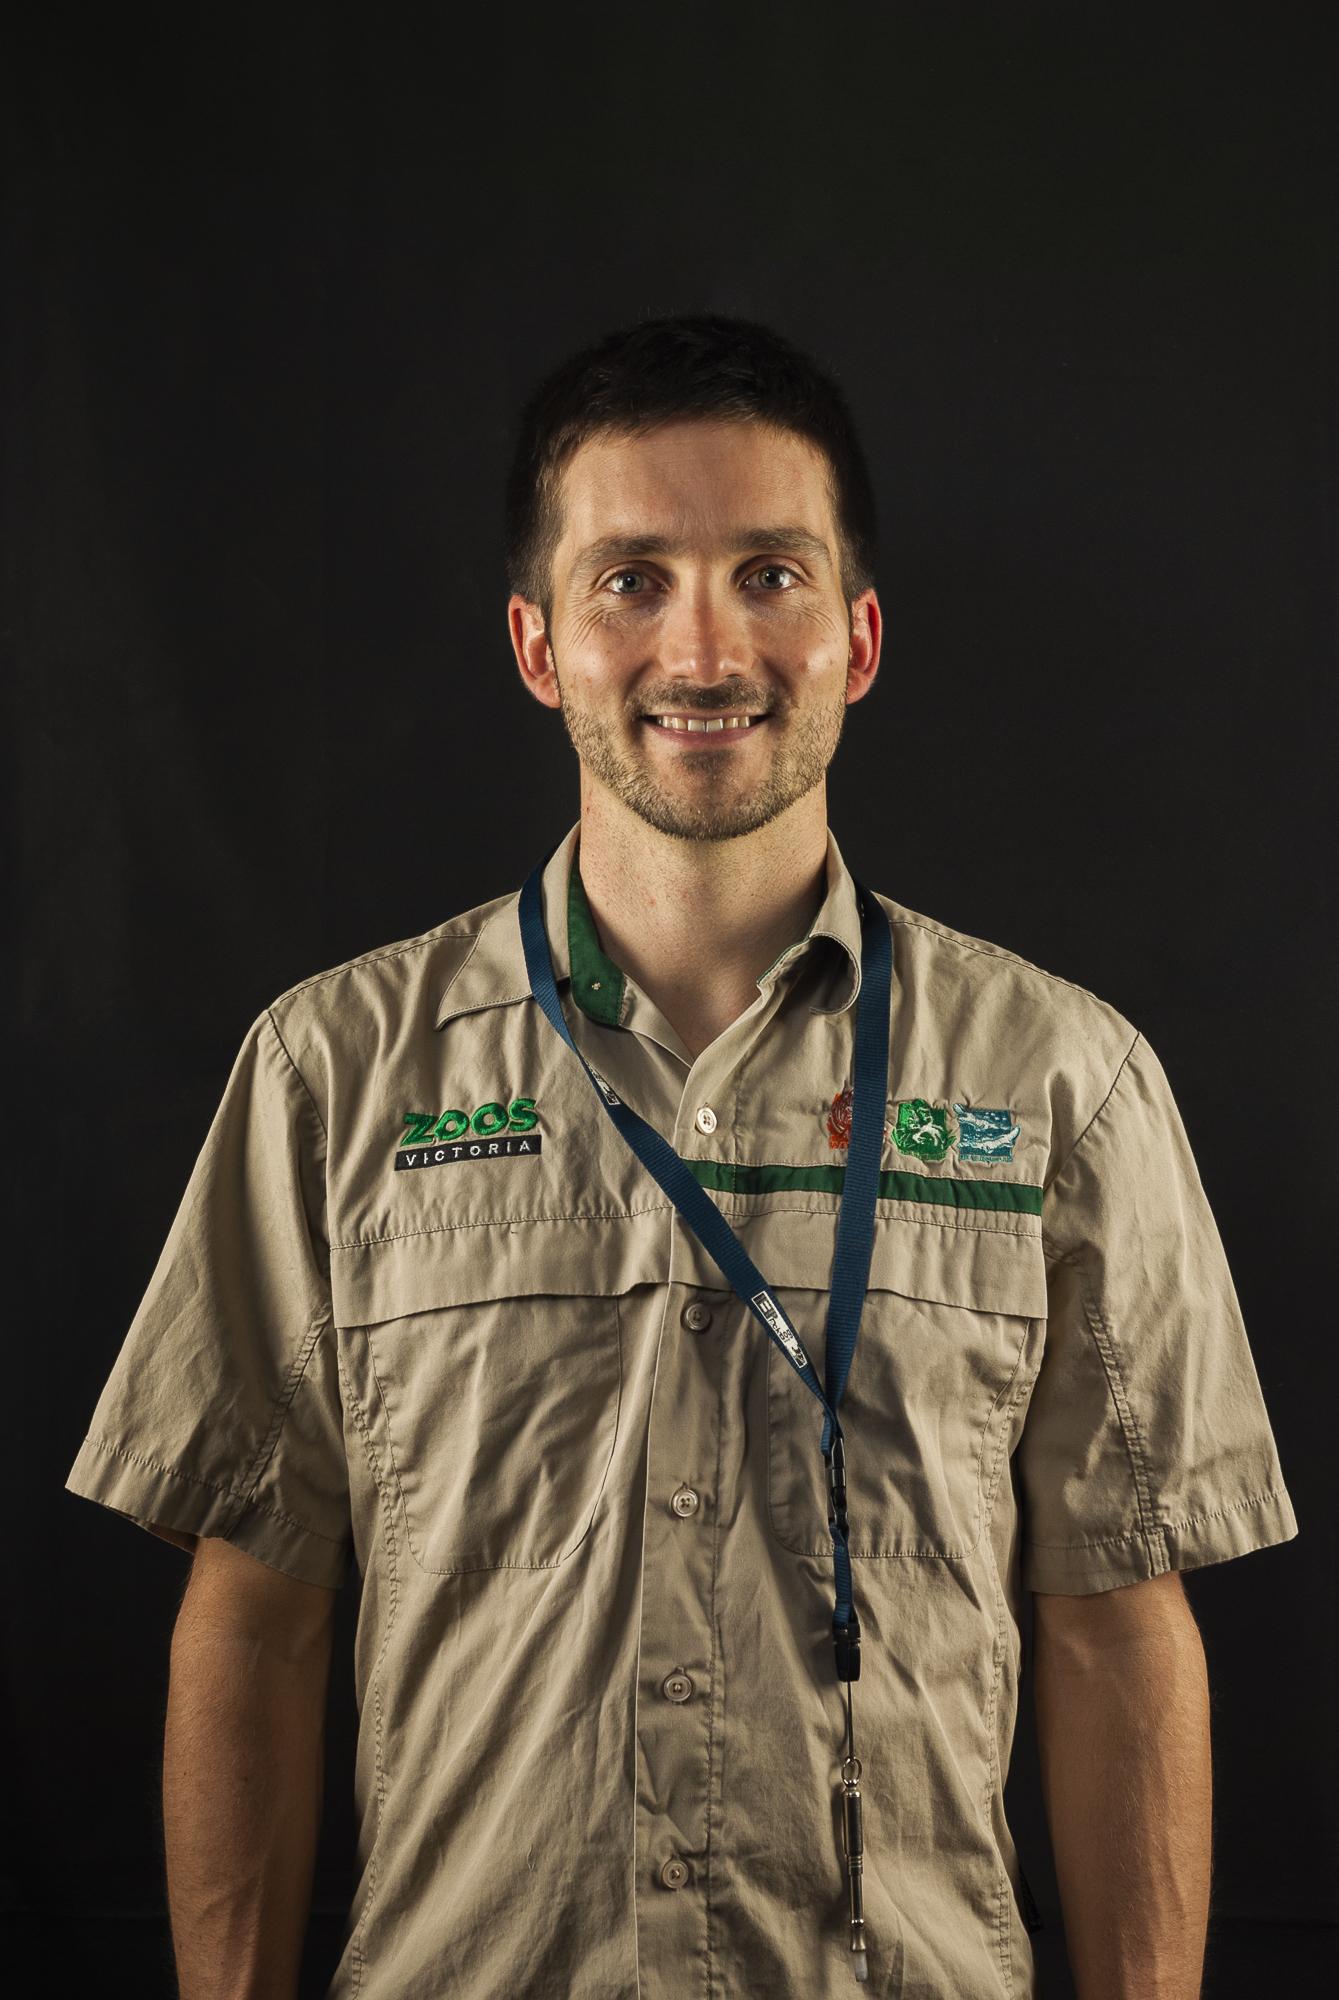 José Gomes estudou no ICBAS, mas é na Austrália que trabalha atualmente.